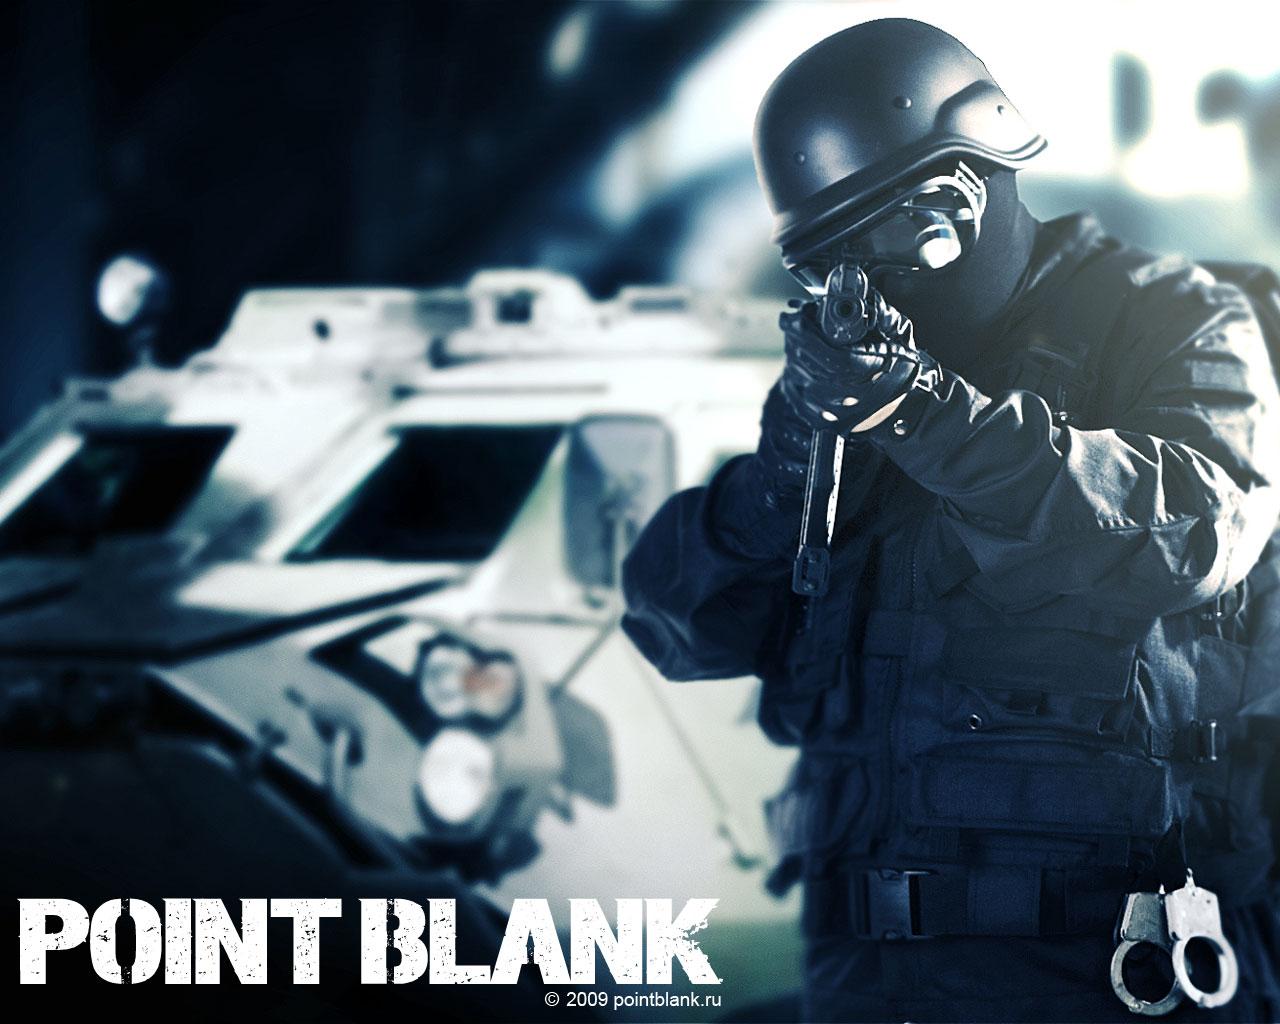 http://2.bp.blogspot.com/-hP8Lq5sTHsE/TbpwBL-AXaI/AAAAAAAAABo/2J5LB68owgc/s1600/point-blank-video-game-wallpapers.jpg